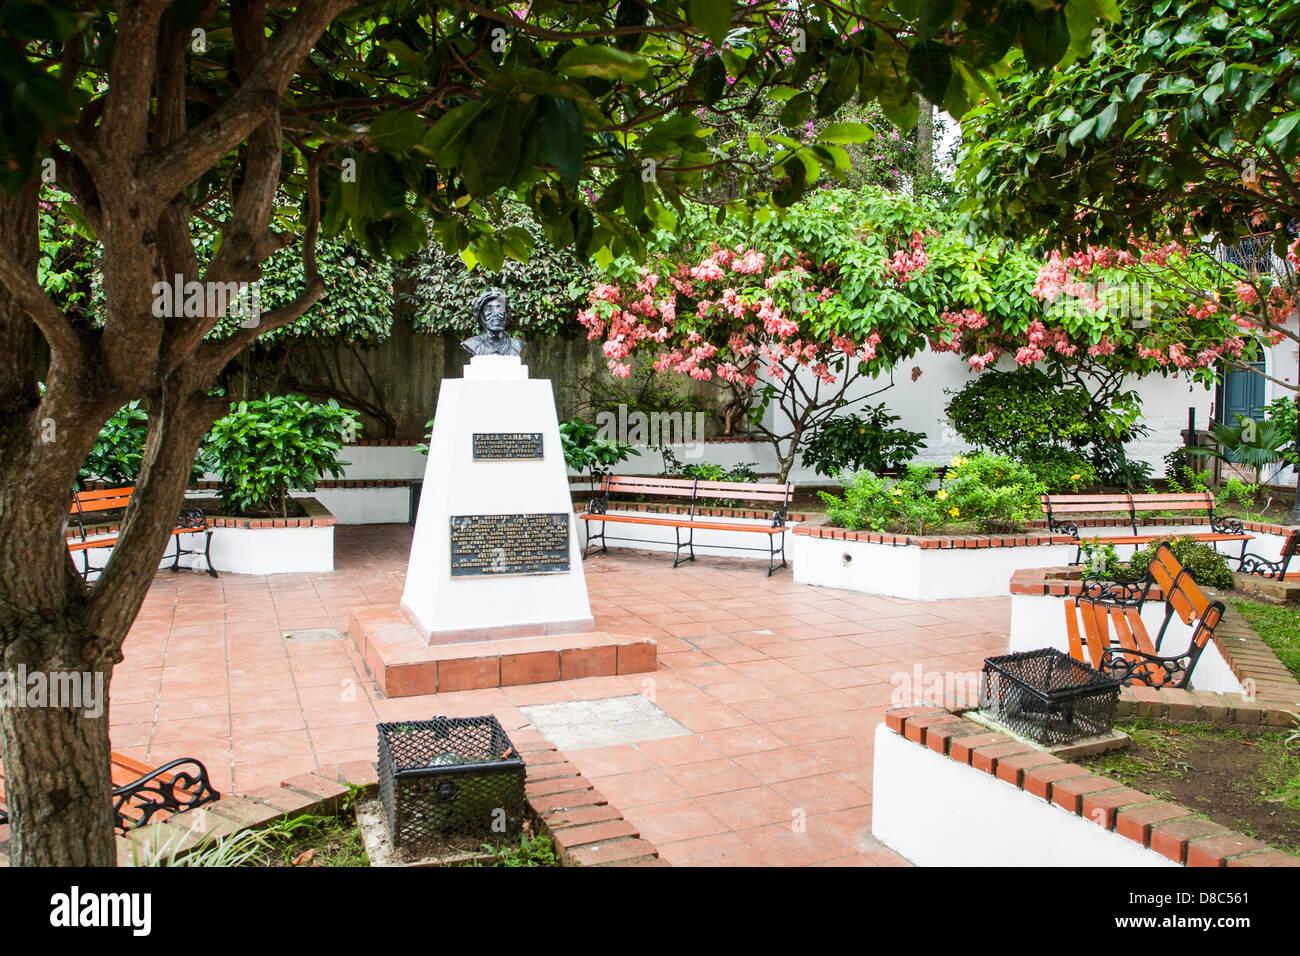 Plaza Carlos V in Casco Antiguo. - Stock Image